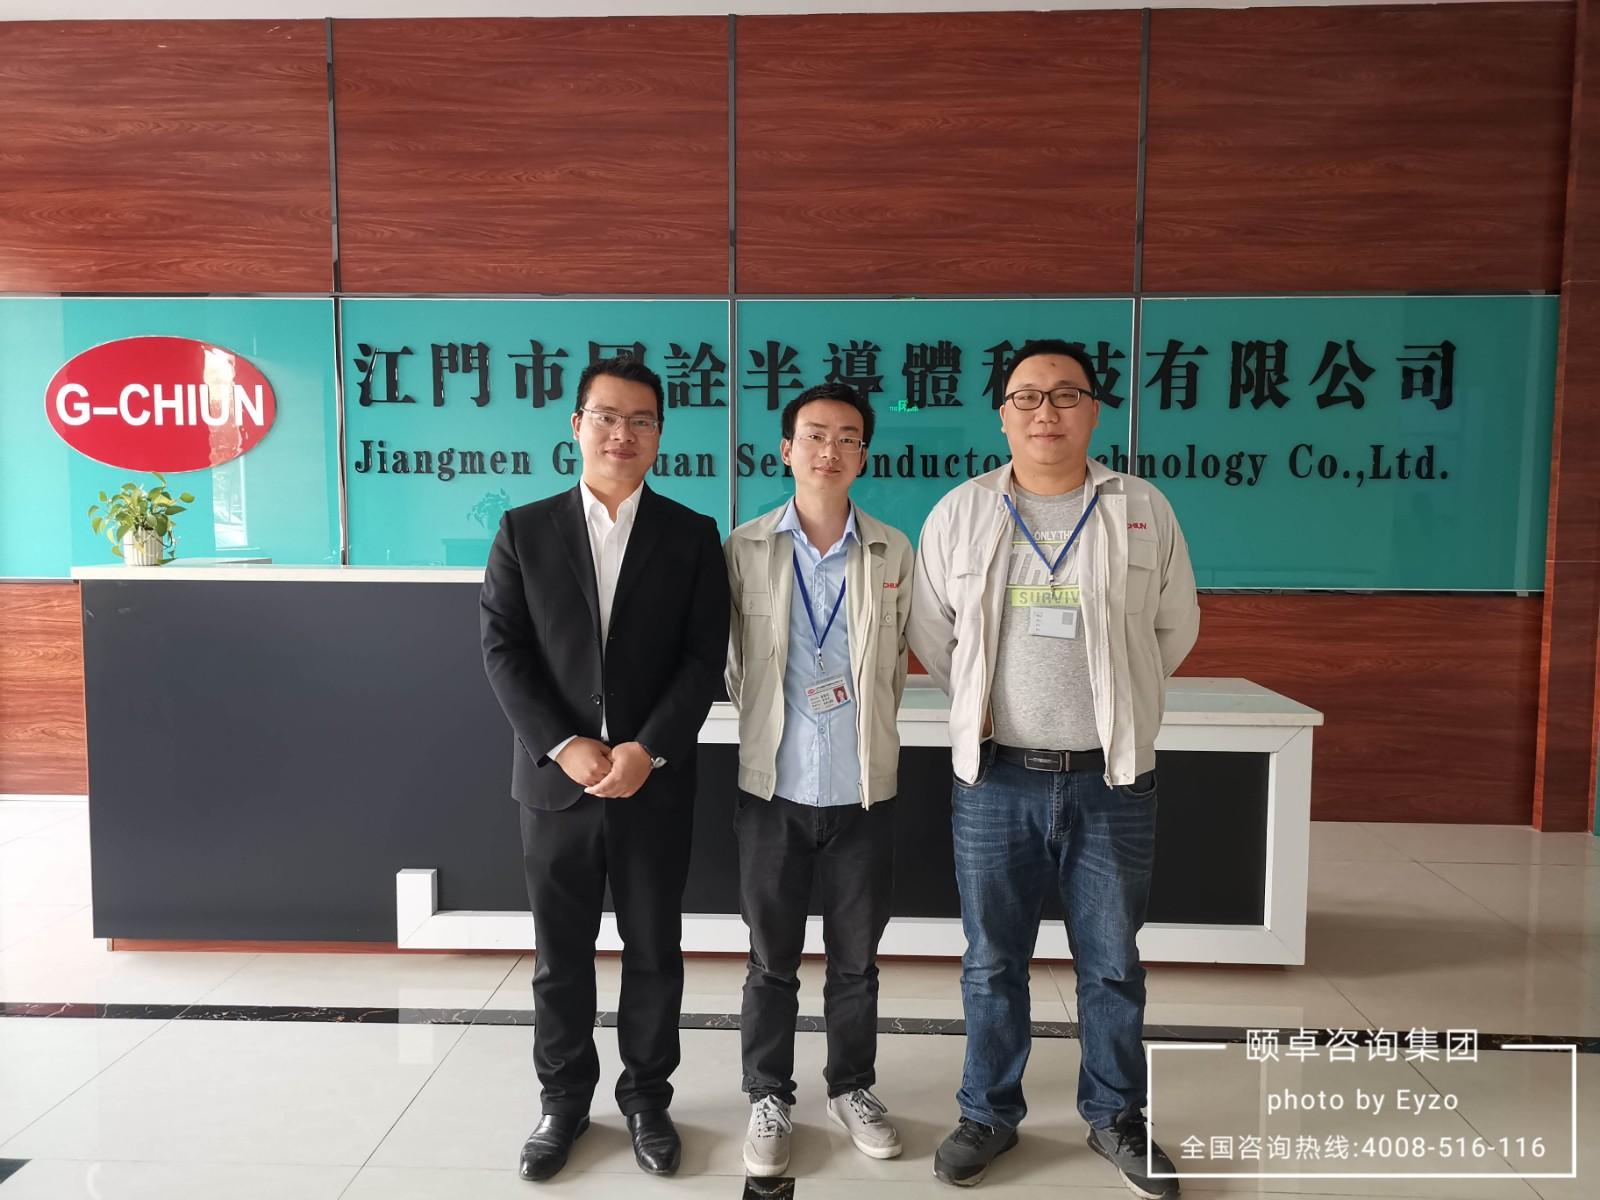 江门国诠签约美高梅平台网站咨询IATF16949&ISO14001认证咨询服务